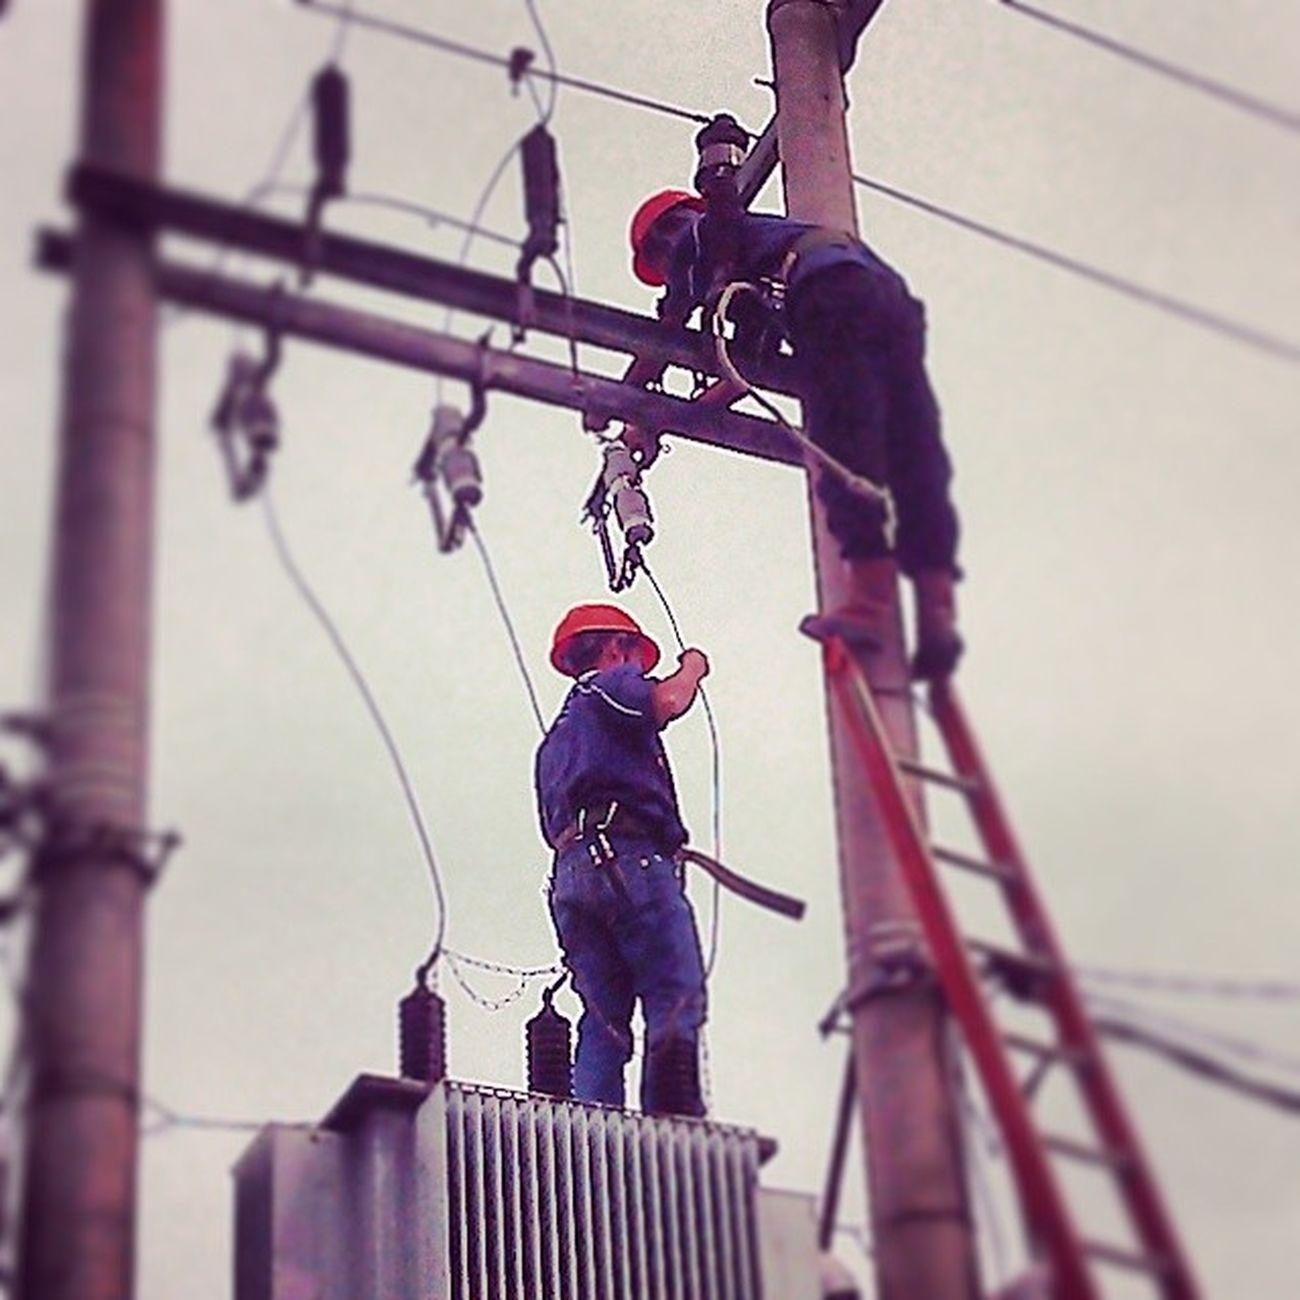 Pln cijawra sedang memperbaiki gardu listrik di perumahan D'Amerta Residence, setelah sebelumnya terjadi ledakkan keras dari gardu tersebut krn ada satu meteri yg meledak.. pelayanan cepat dari pln cijawra serta respon masyarakat menjadi sebuah sinergi yg baik Pln Cijawra Bandung Listrik Televisinet